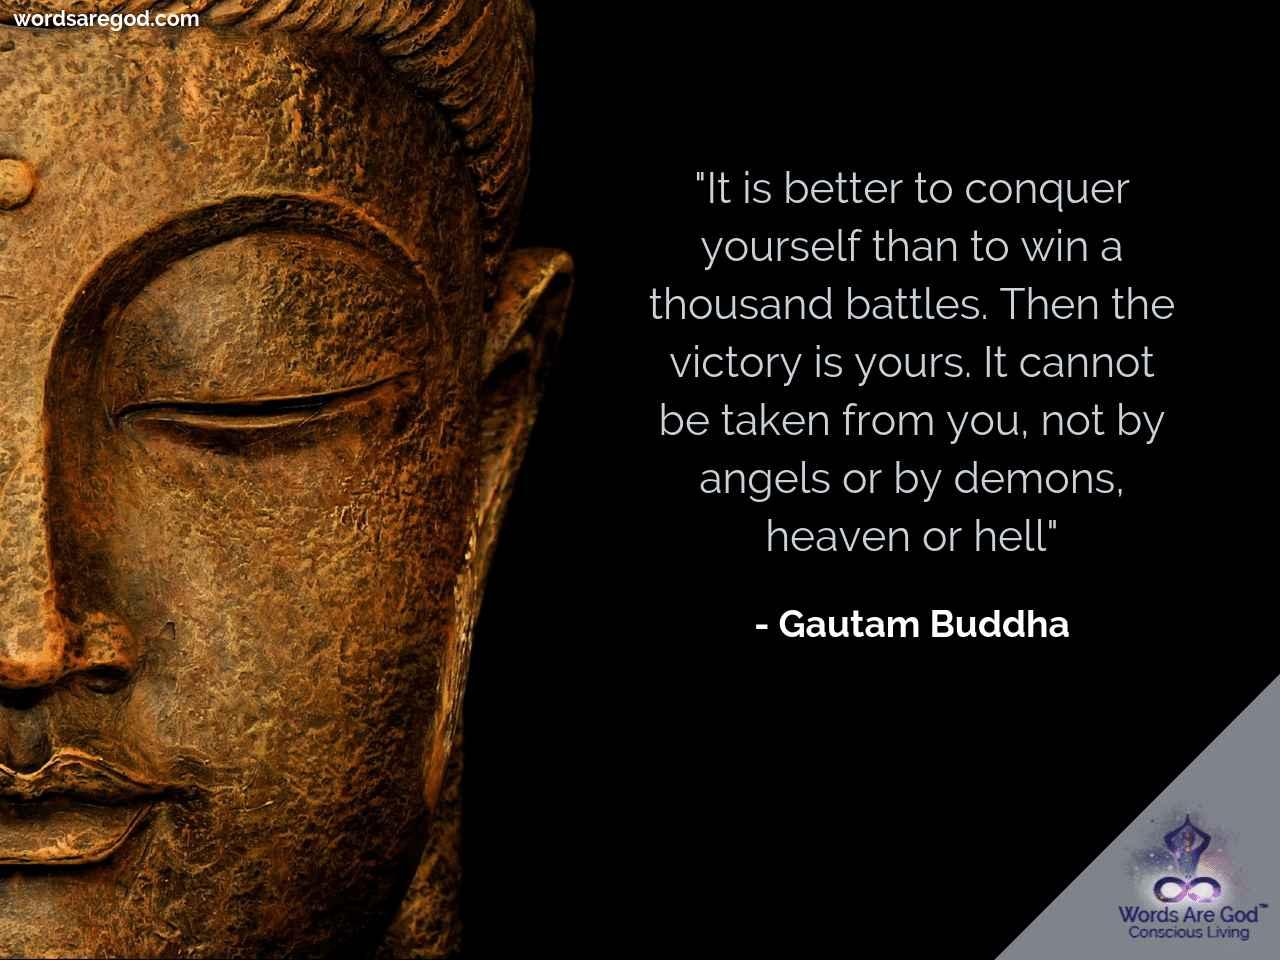 Gautam buddha Best Quote